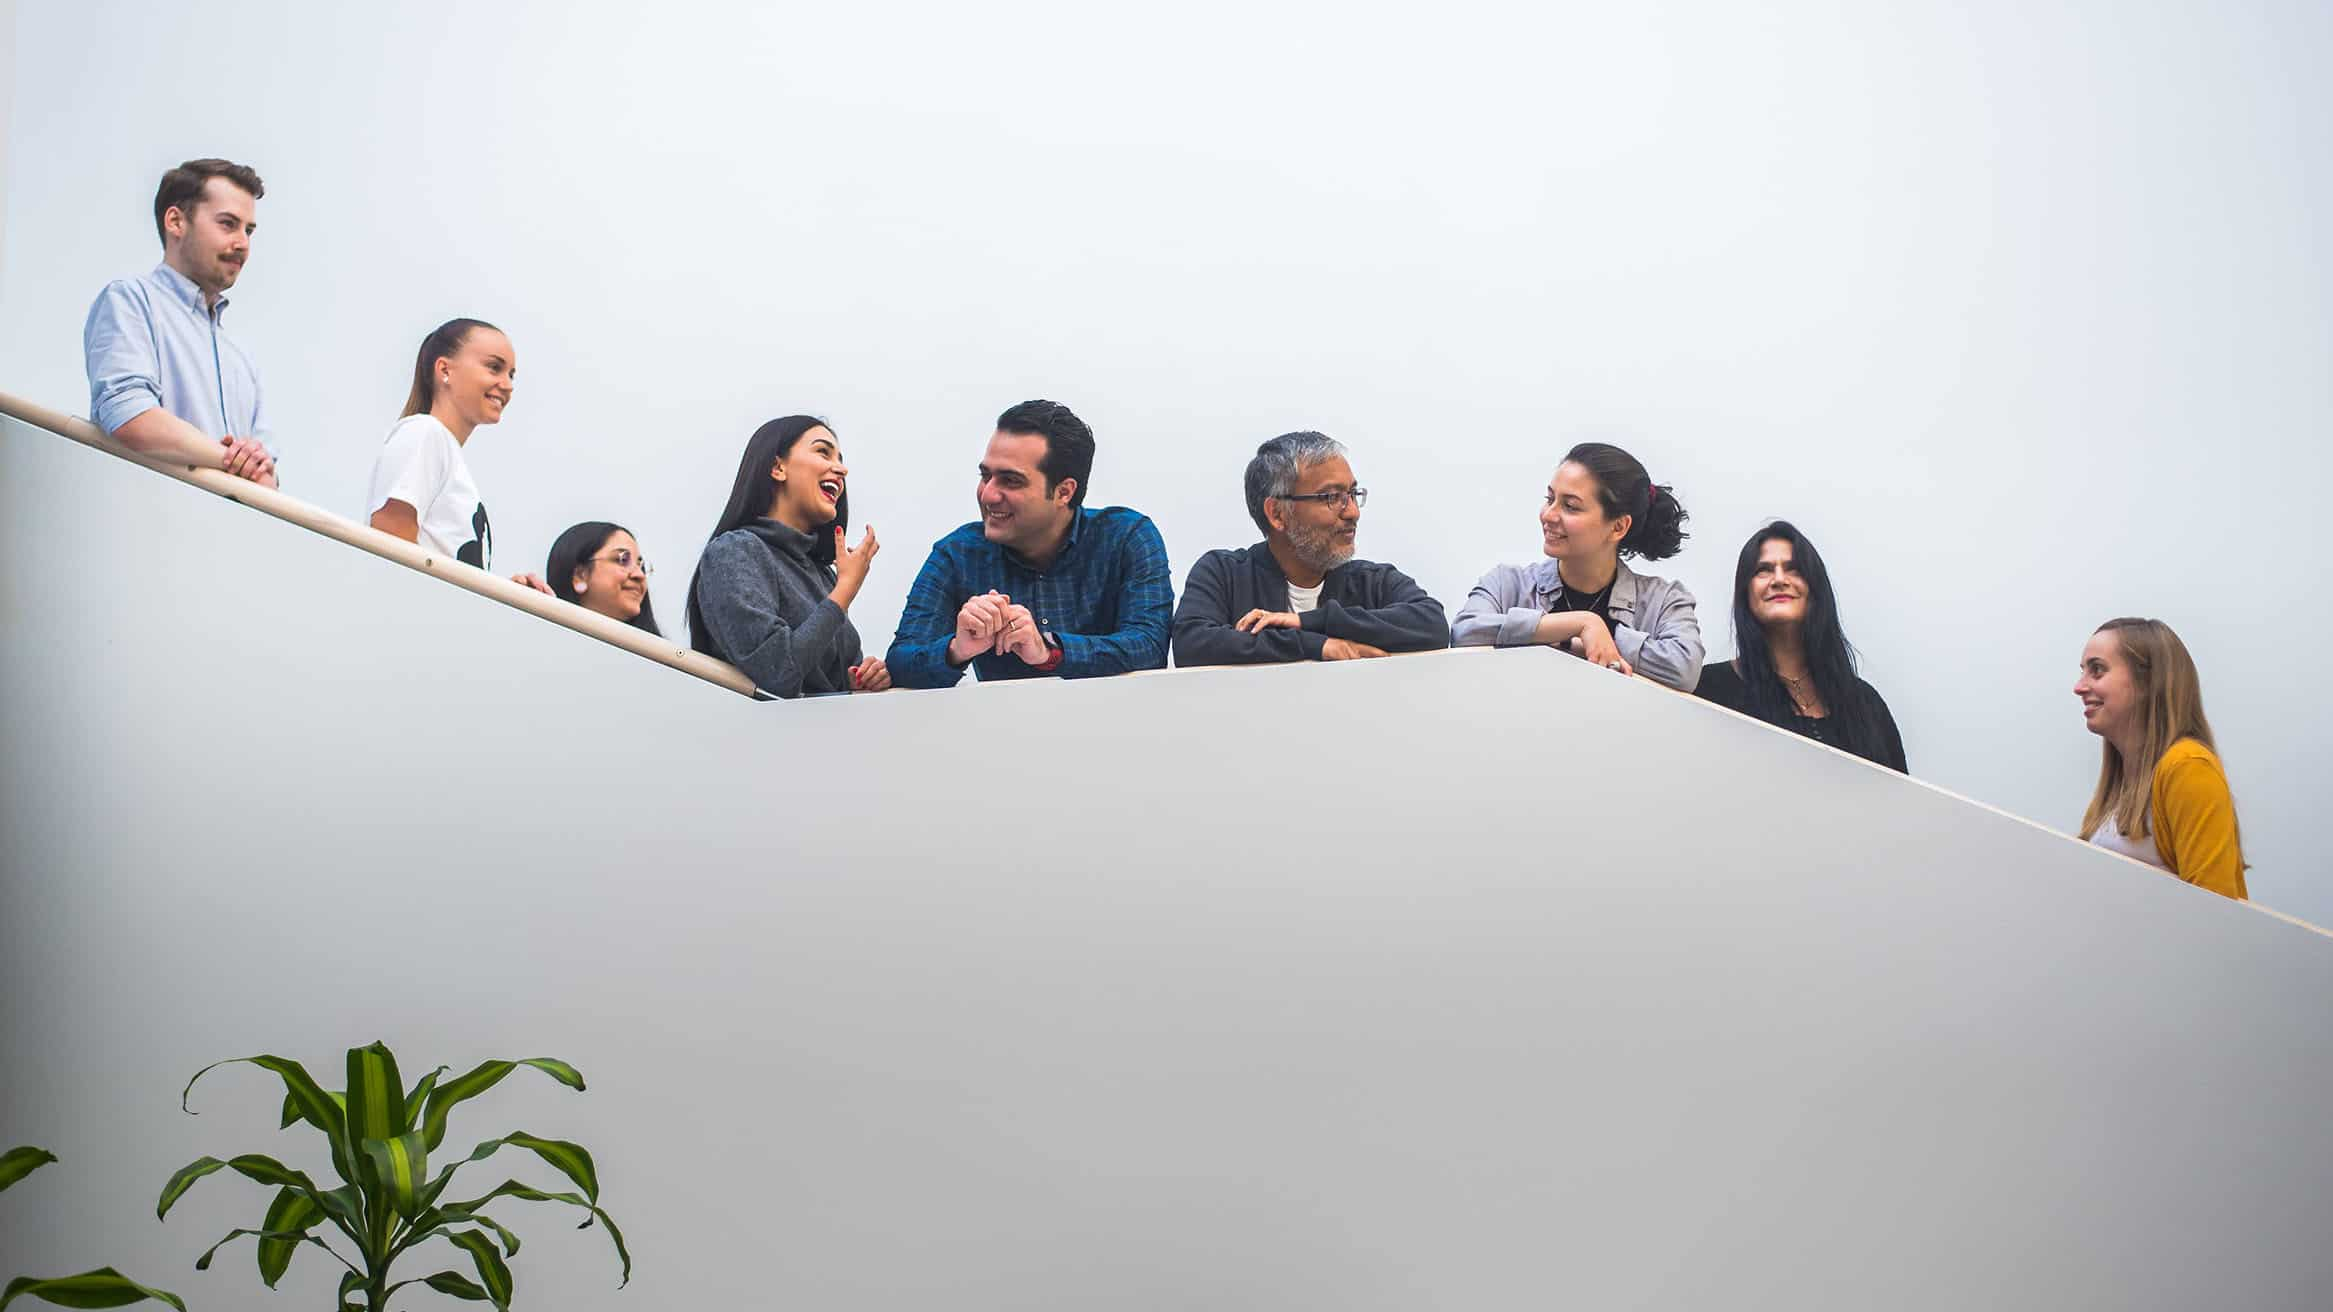 Yhdeksän nuorta kansainvälistä osaajaa nousevassa portaikossa juttelemassa iloisesti.